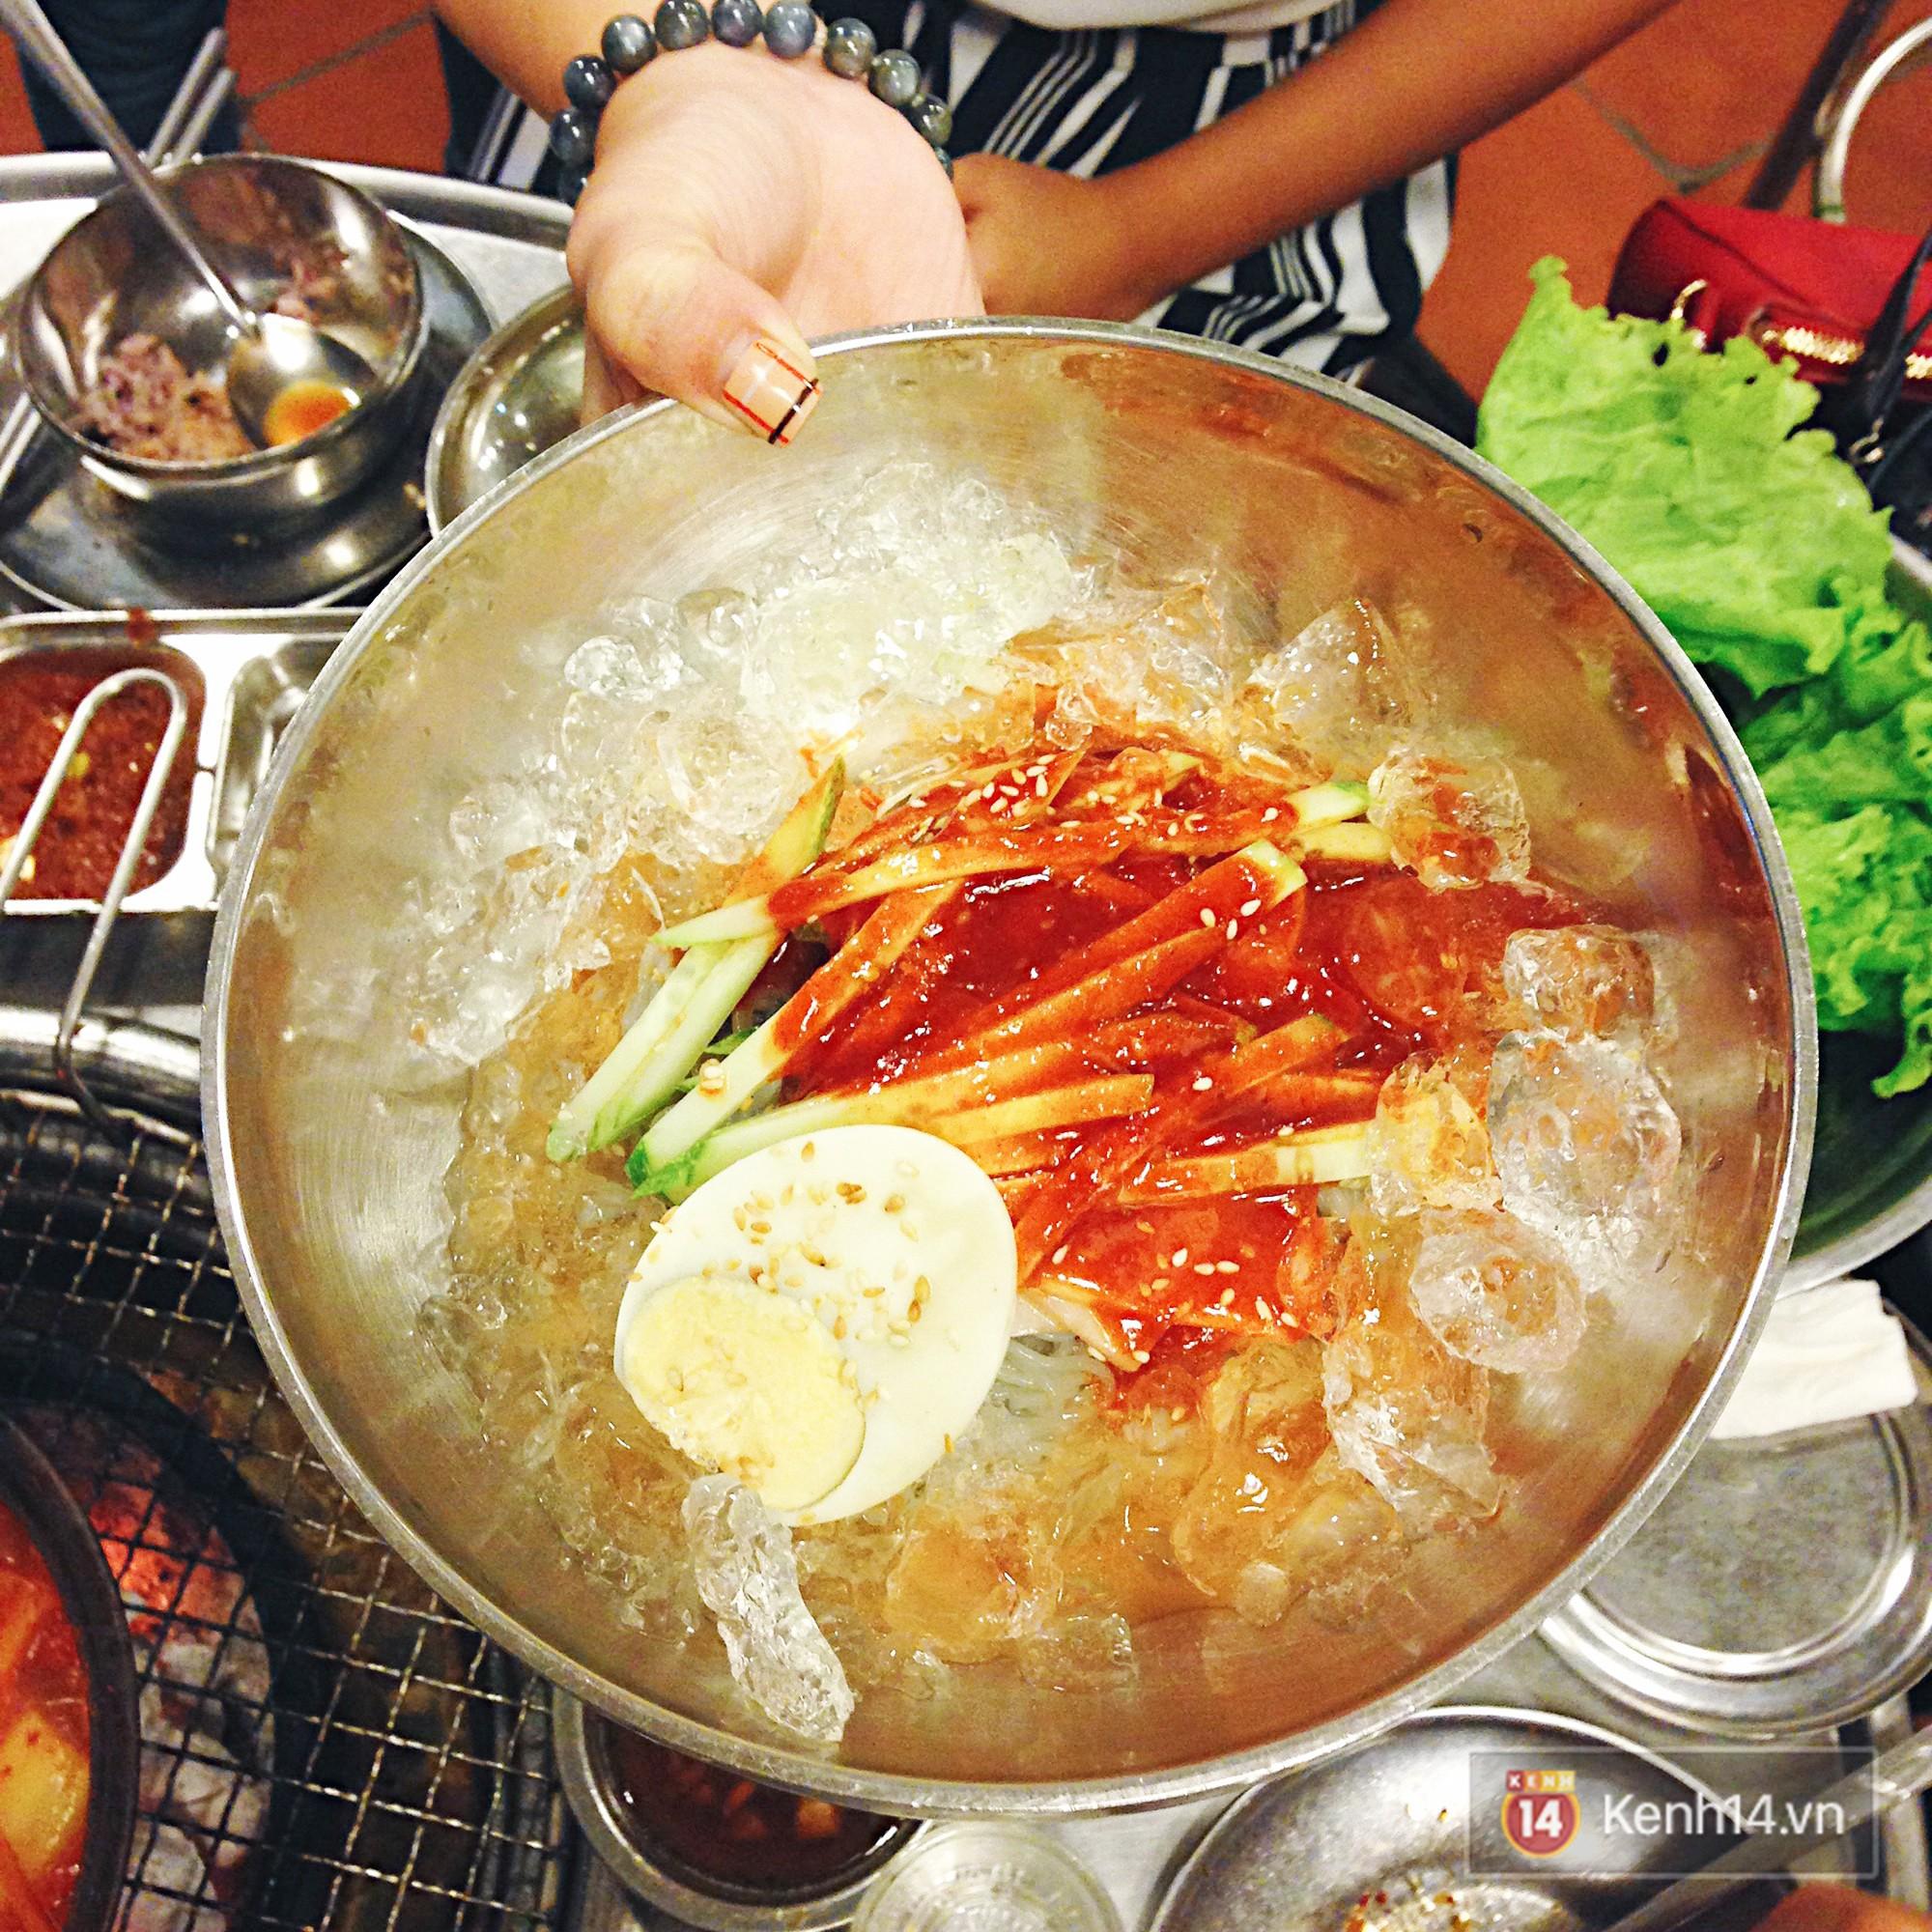 Món ăn quen thuộc của Hàn Quốc bỗng trở thành thứ giải nhiệt tuyệt vời cho mùa hè Hà Nội - Ảnh 5.